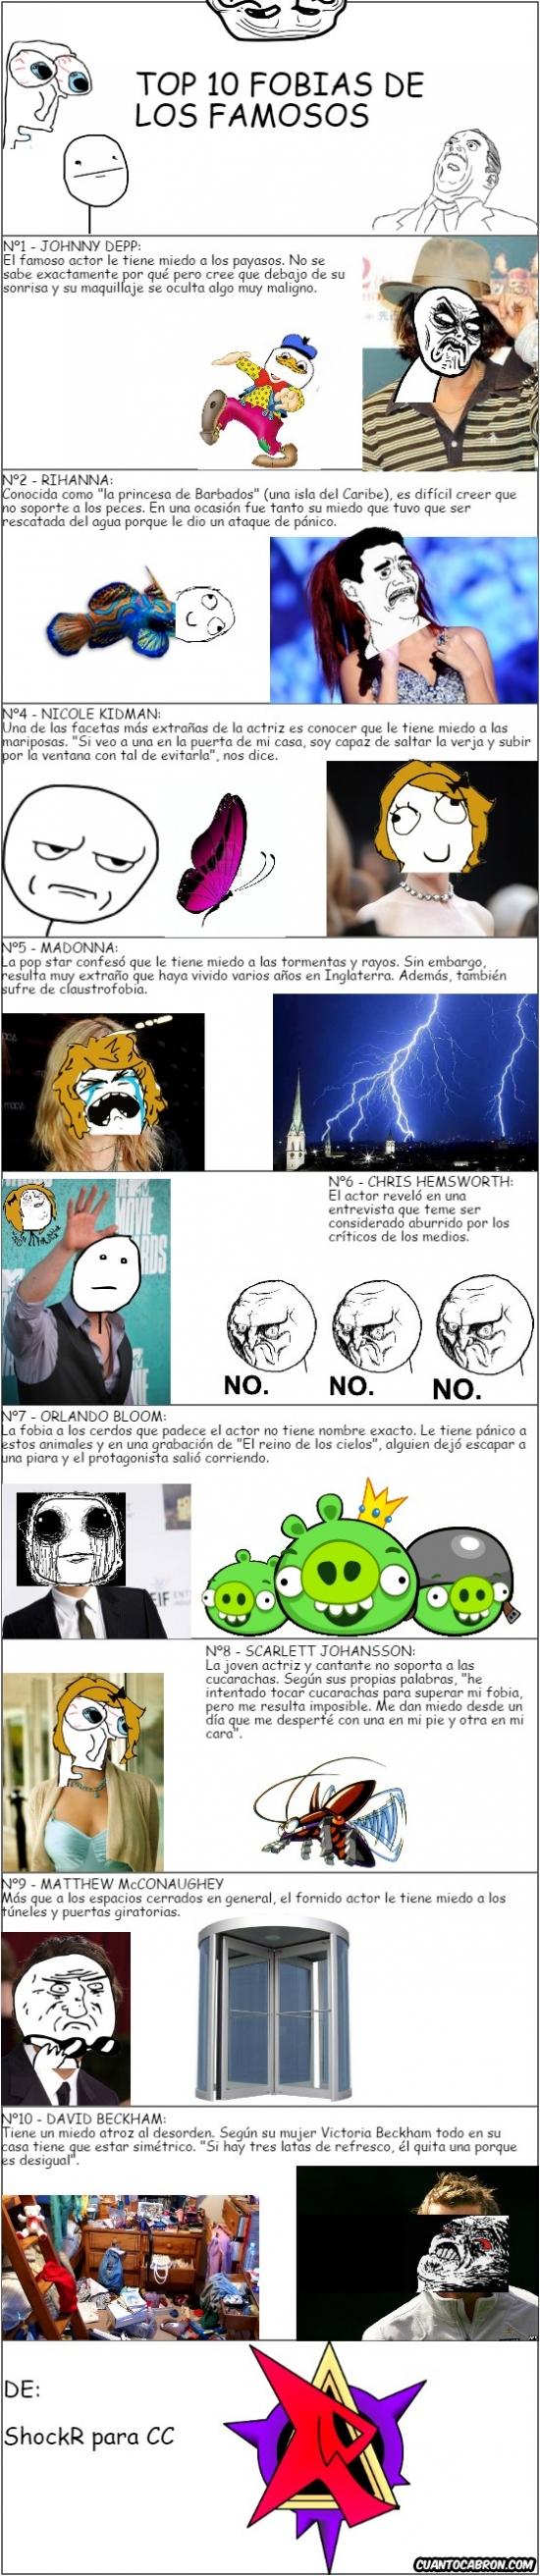 Mix - Las celebridades también tienen sus fobias, ¡aquí hay algunas de ellas!